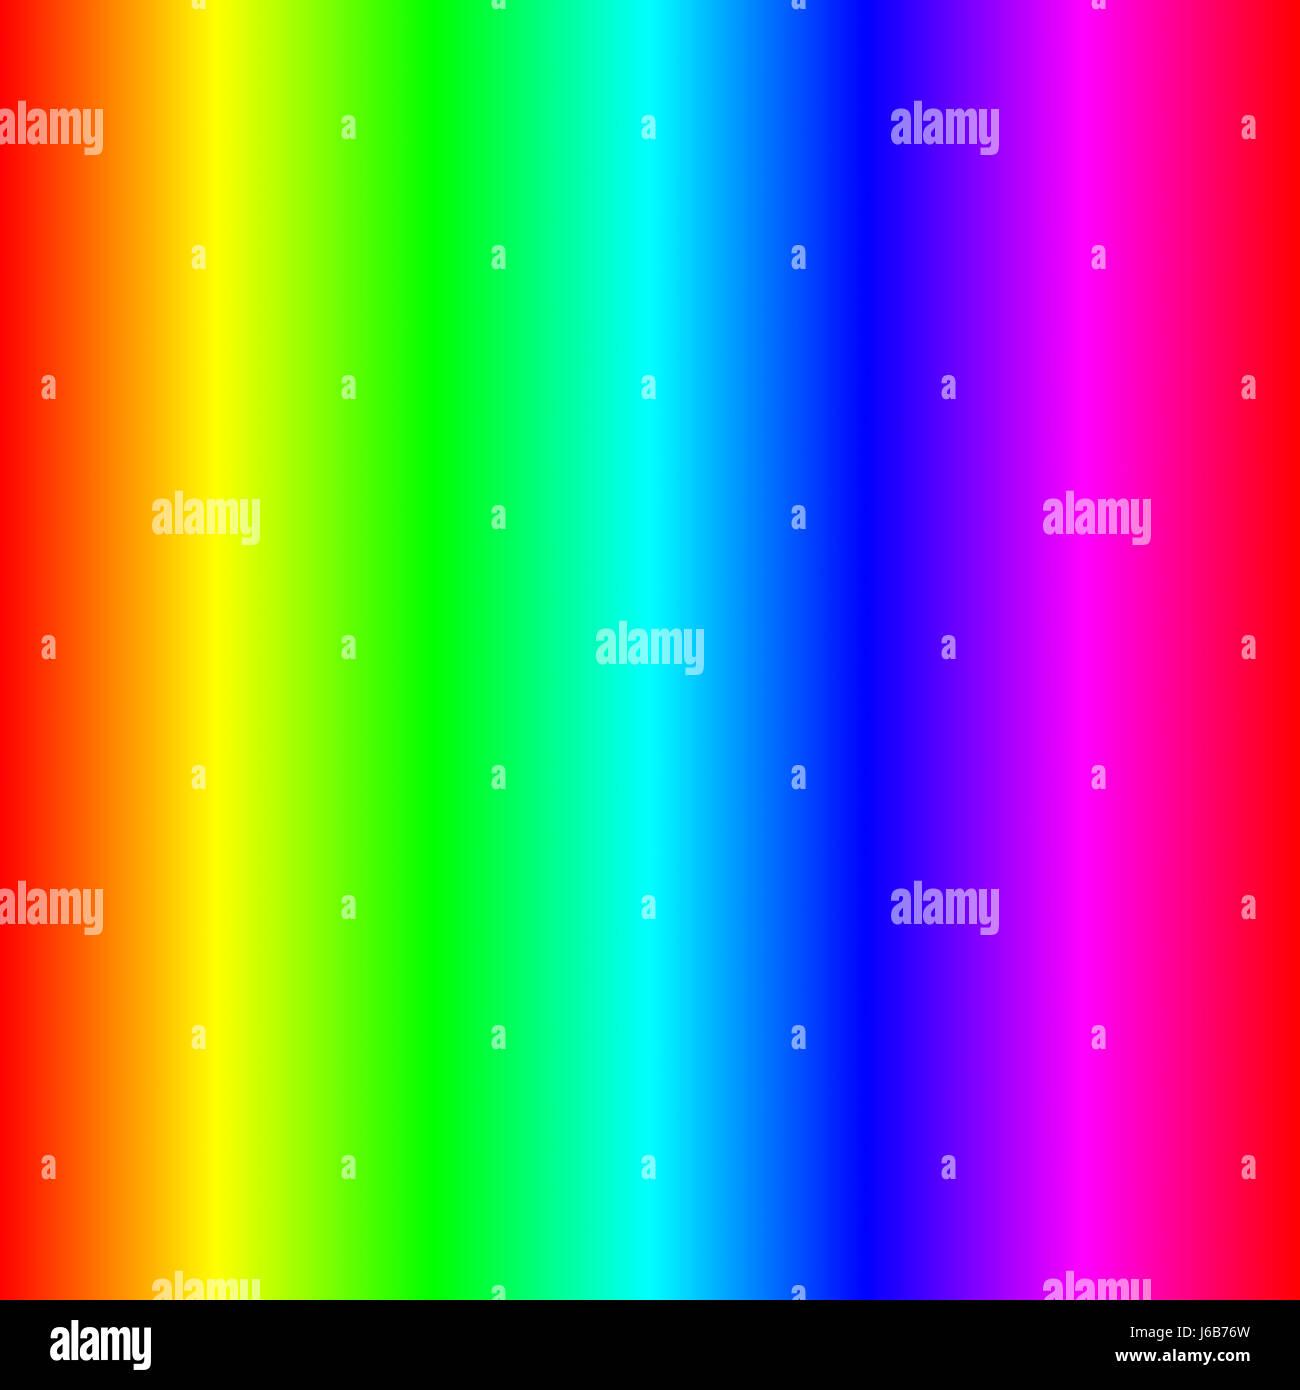 Prism light spectrum stock photos prism light spectrum for Paint color spectrum